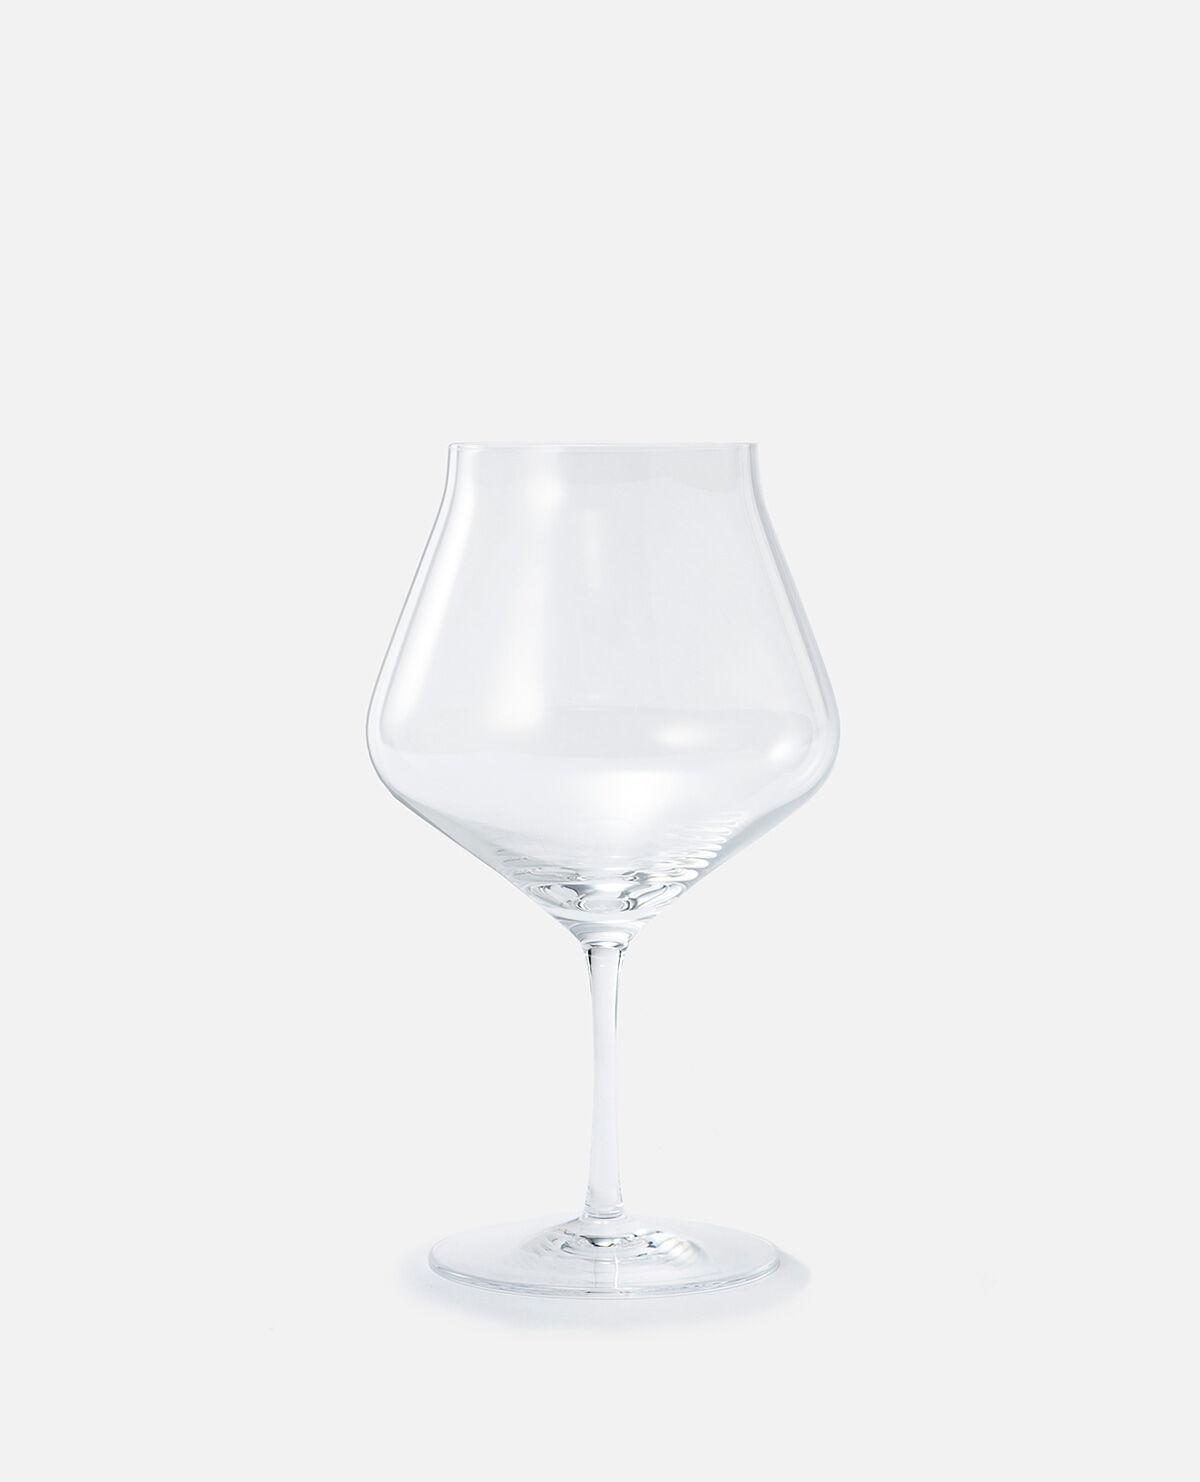 生涯を添い遂げるグラス ワイングラス ブルゴーニュk